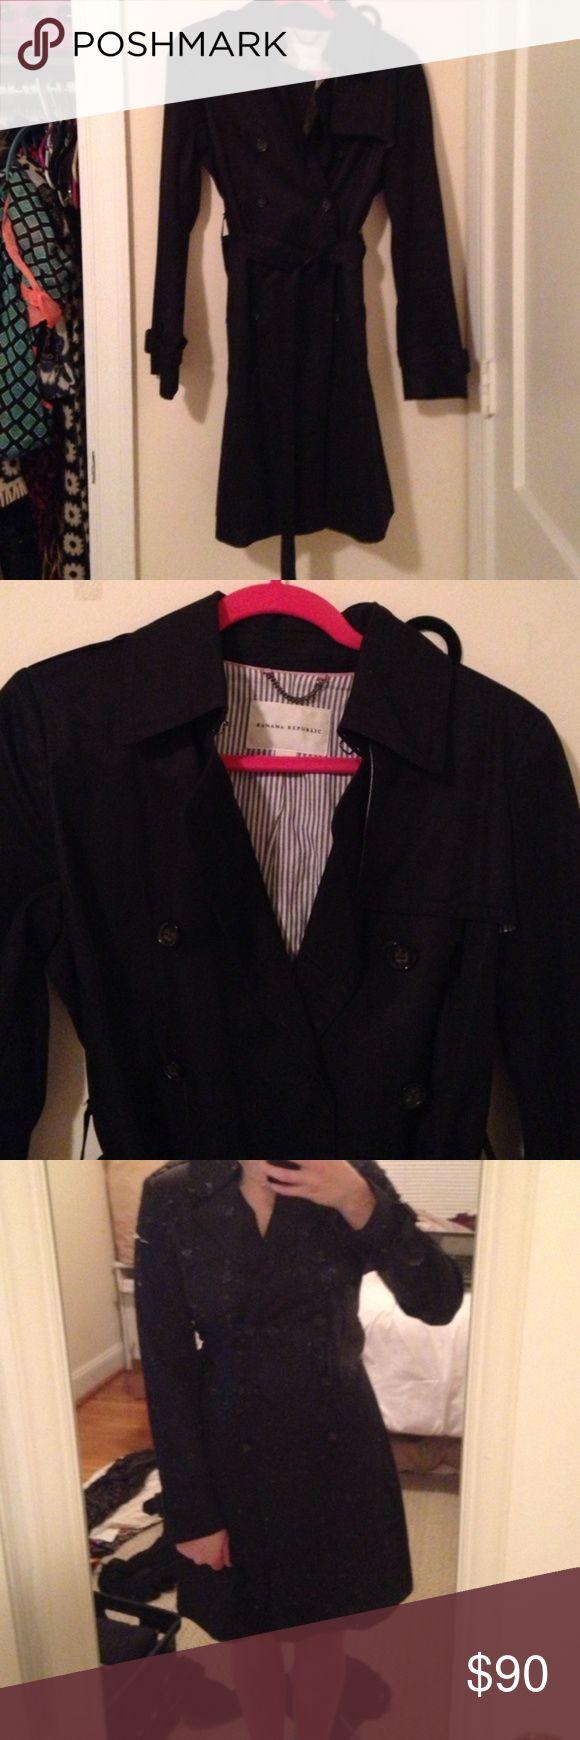 Banana Republic black trench coat Beautiful black trench coat from Banana Republic Banana Republic Jackets & Coats Trench Coats